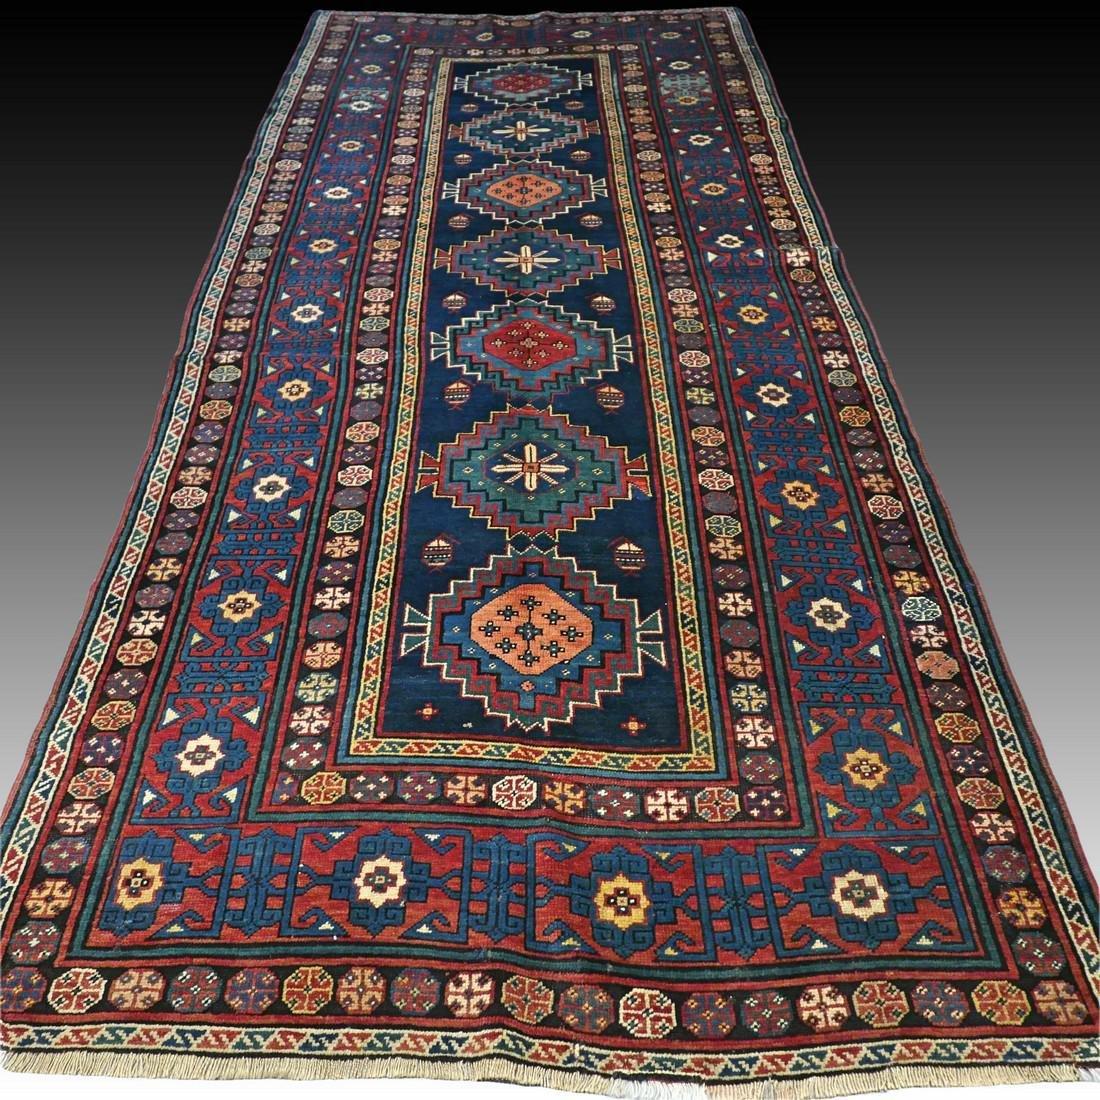 Antique 1800s Kazak rug - 9.5 x 4.3